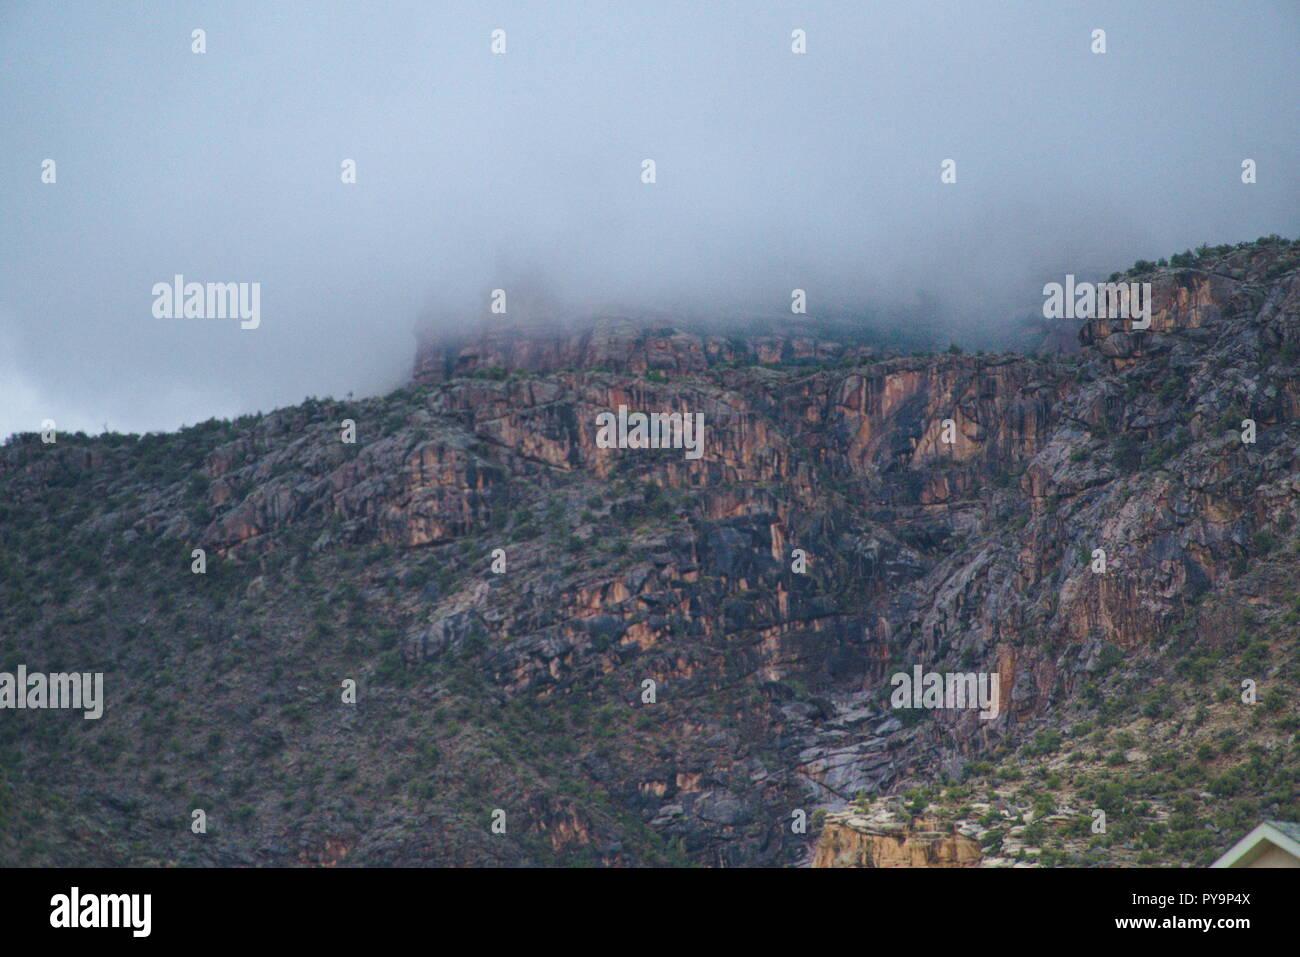 El Monumento Nacional de Colorado recubierta por una capa de densa niebla. Por encima de las nubes son grises y sombríos. En general existe una gran alicaído vibe. Imagen De Stock